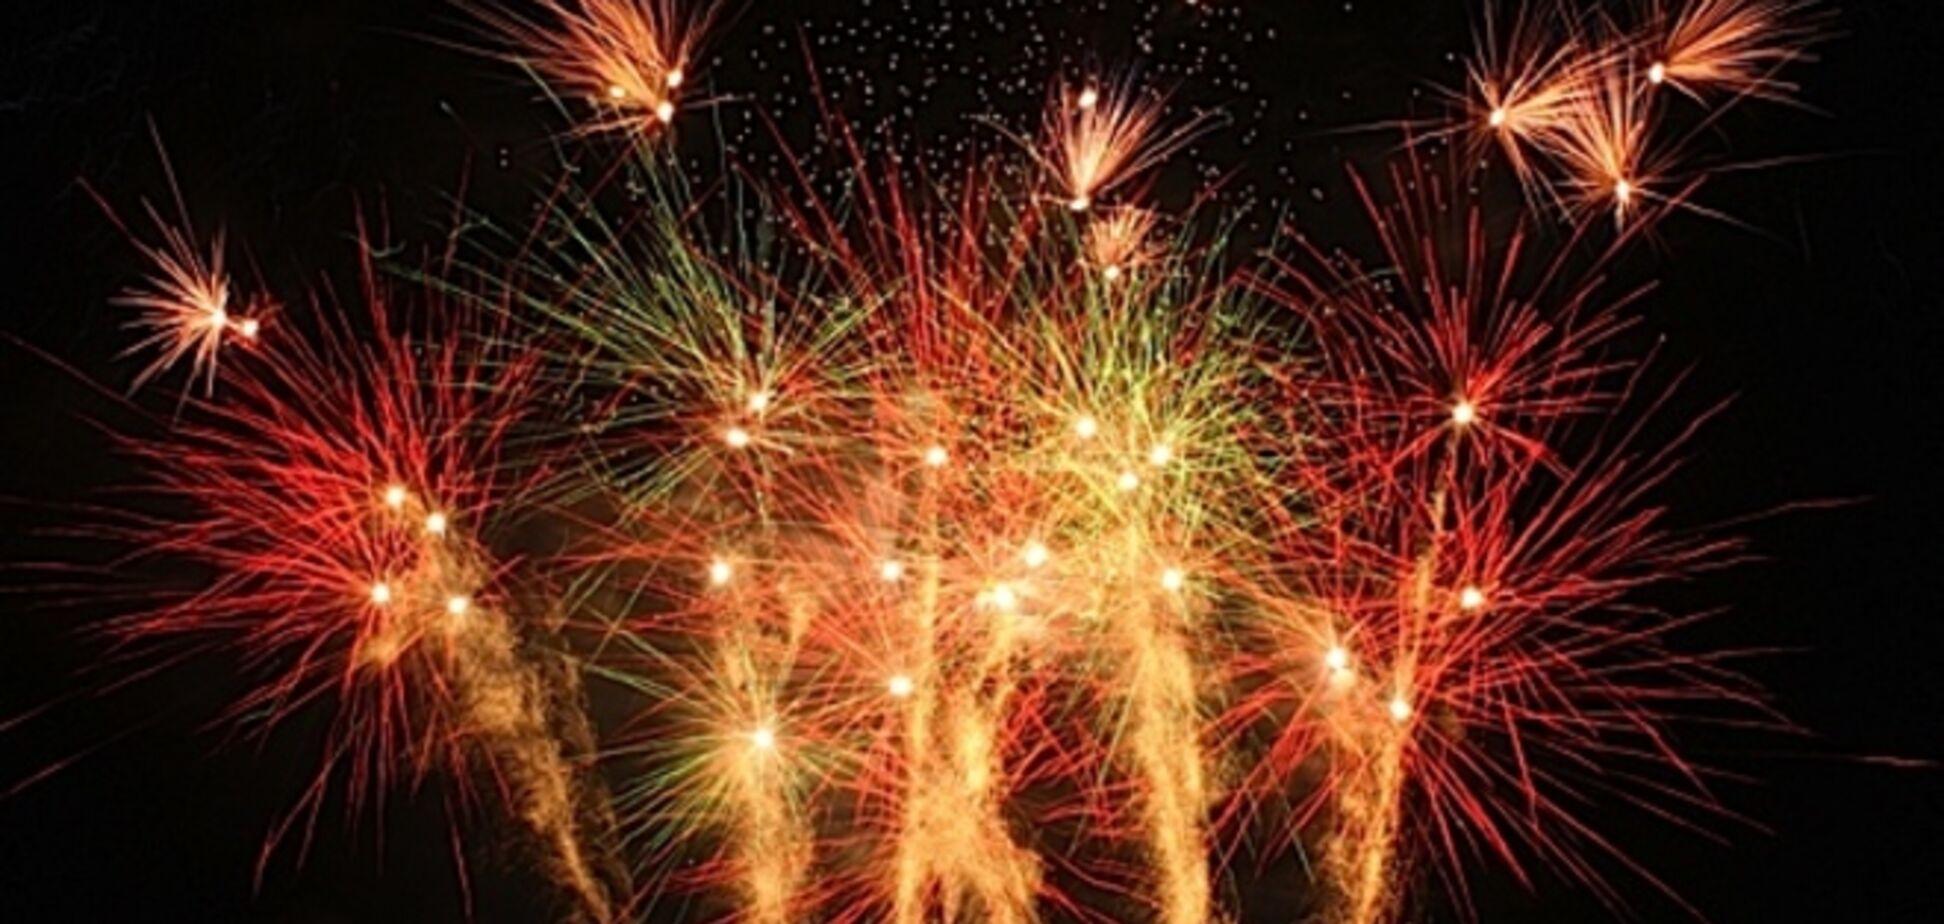 В Днепропетровске будут штрафовать за салюты во время новогодних праздников